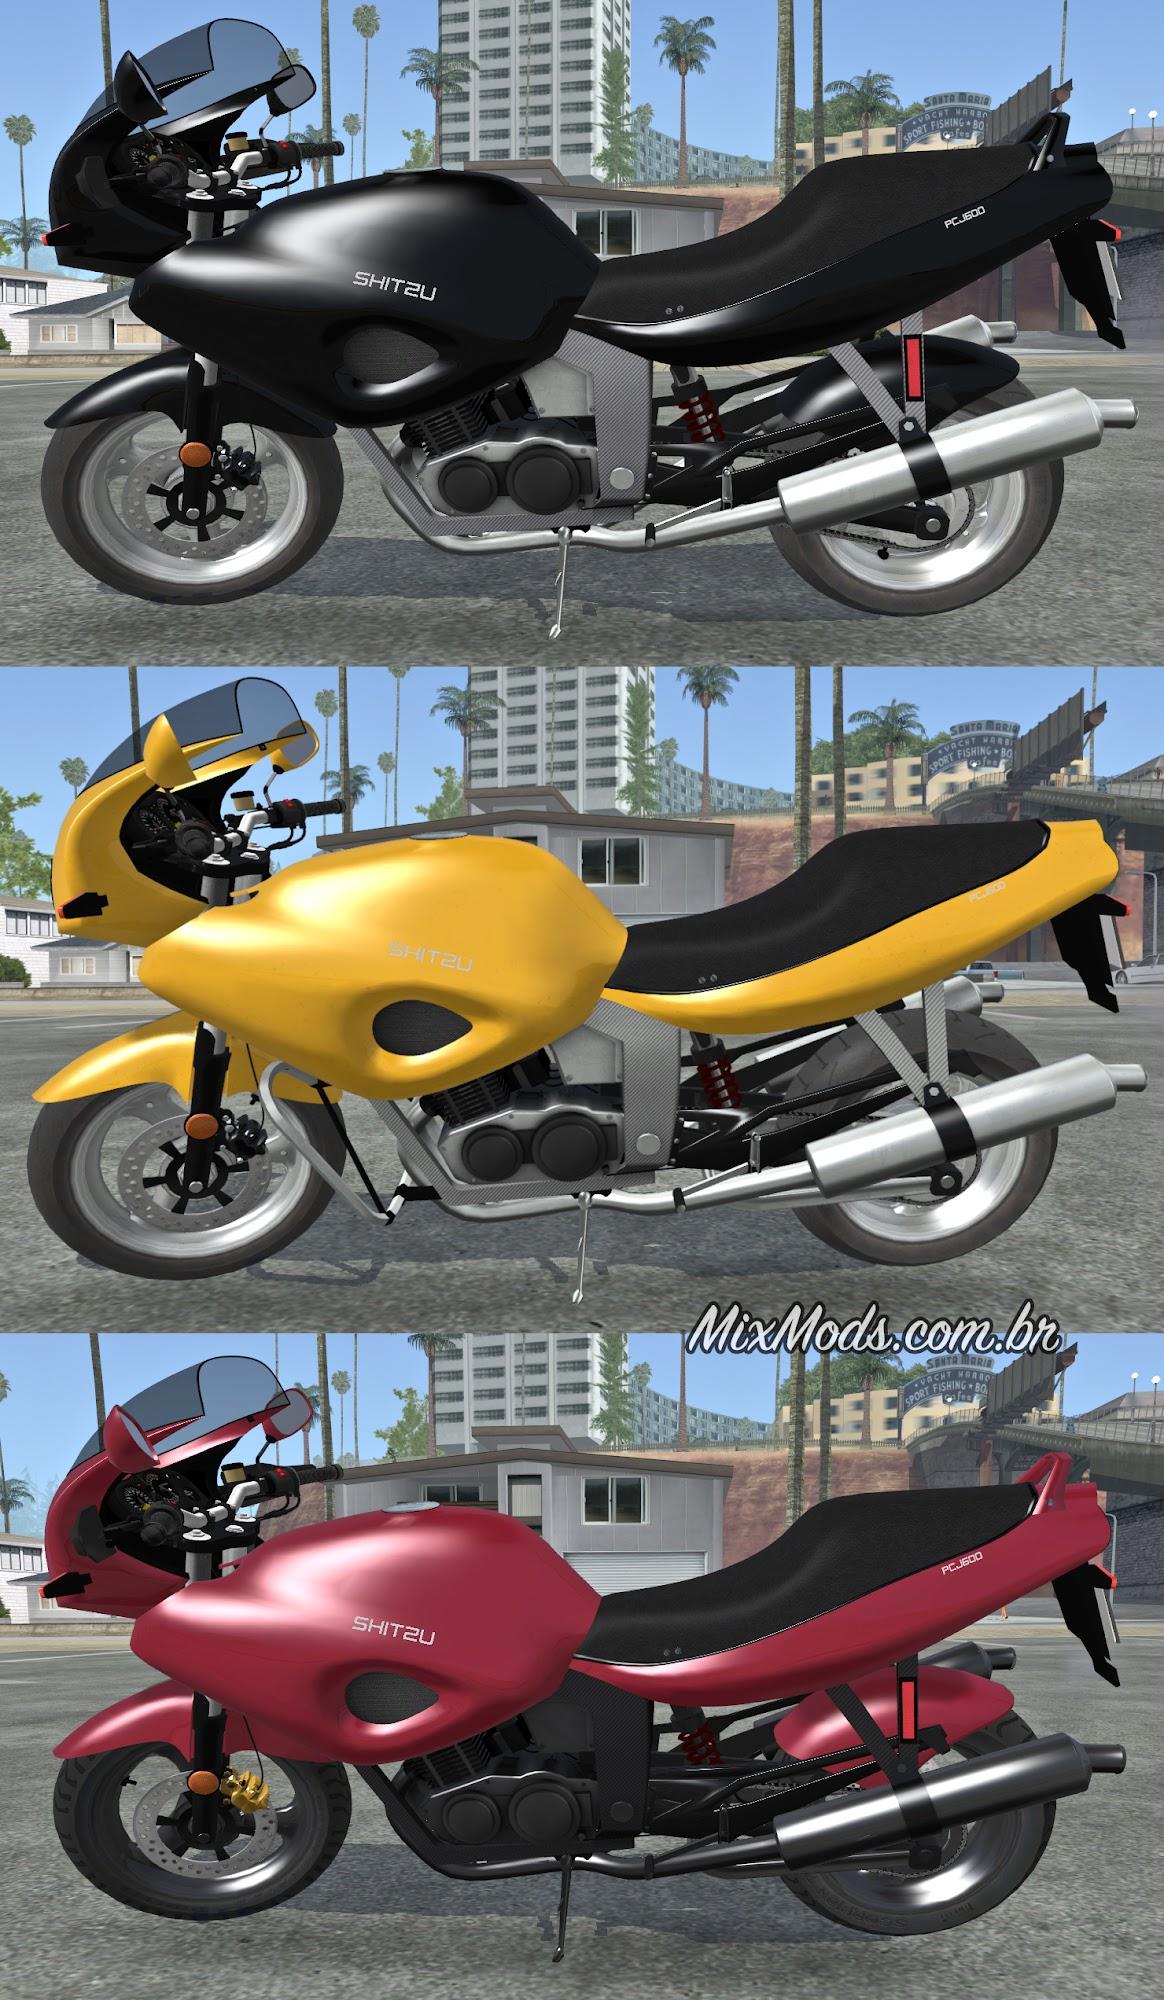 gta-sa-mod-pcj600-remaster-hd.jpg